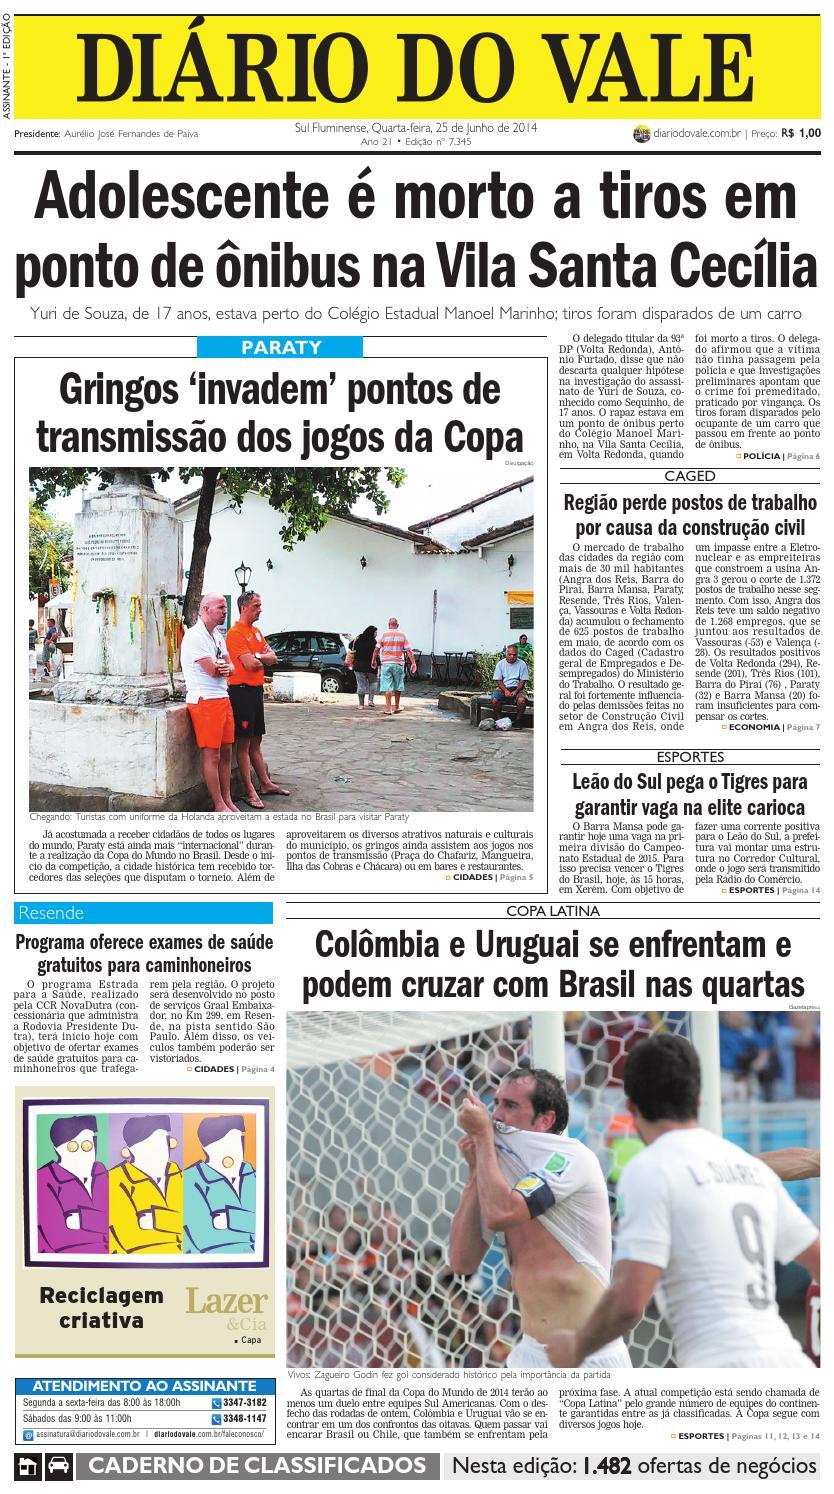 607a91327fbc5 7345 diario quarta feira 25 06 2014 by Diário do Vale - issuu